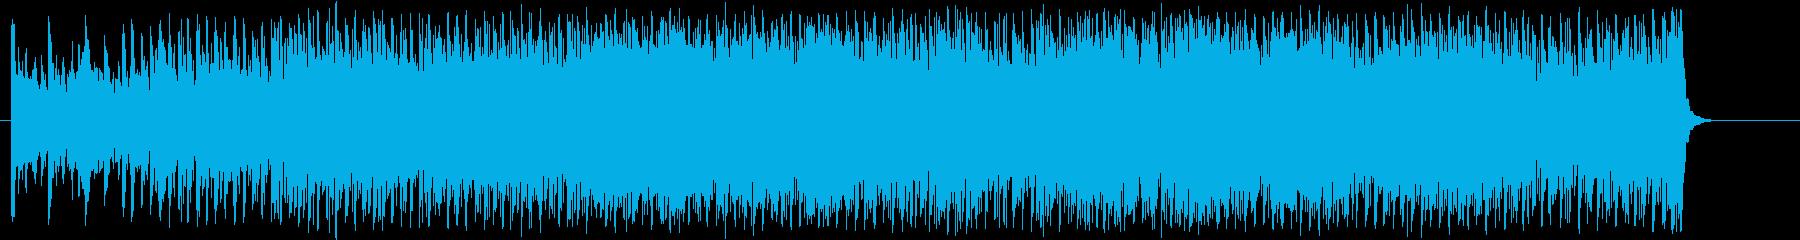 煮詰まる感じのハイパーエレクトロポップの再生済みの波形